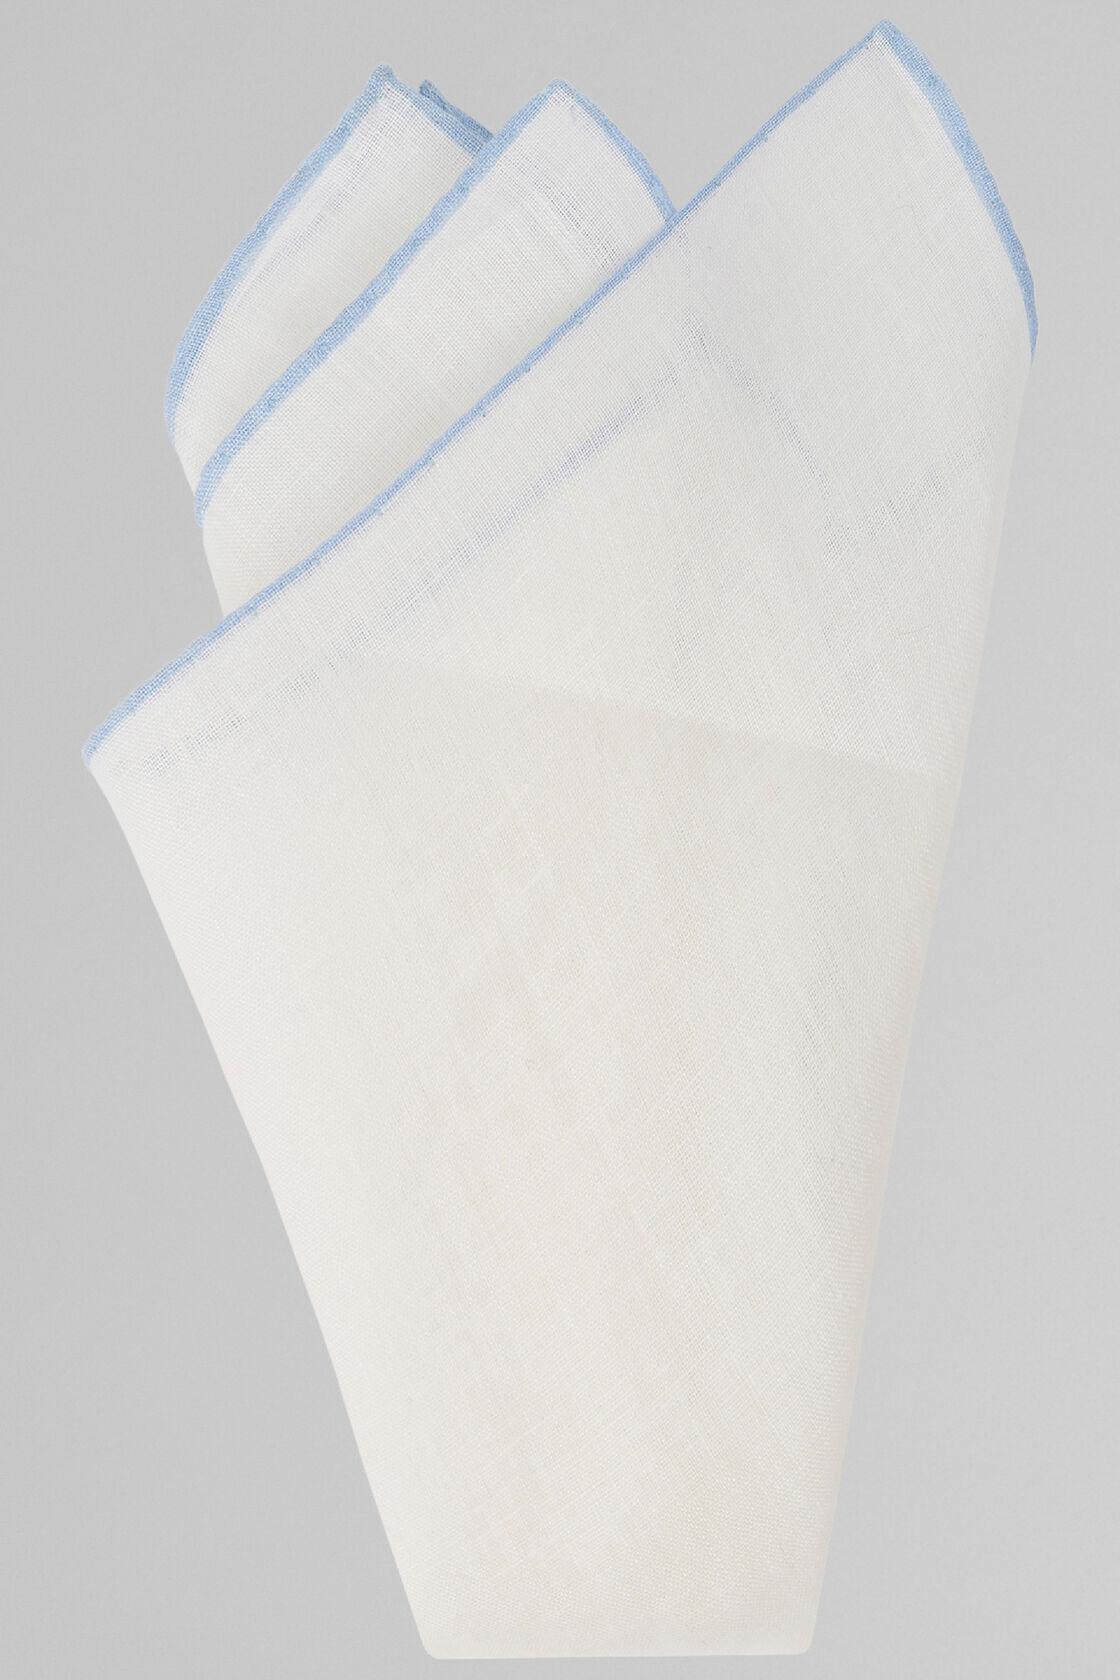 Pochette Bianca Con Bordino Azzurro In Puro Lino, Bianco - Azzurro, hi-res